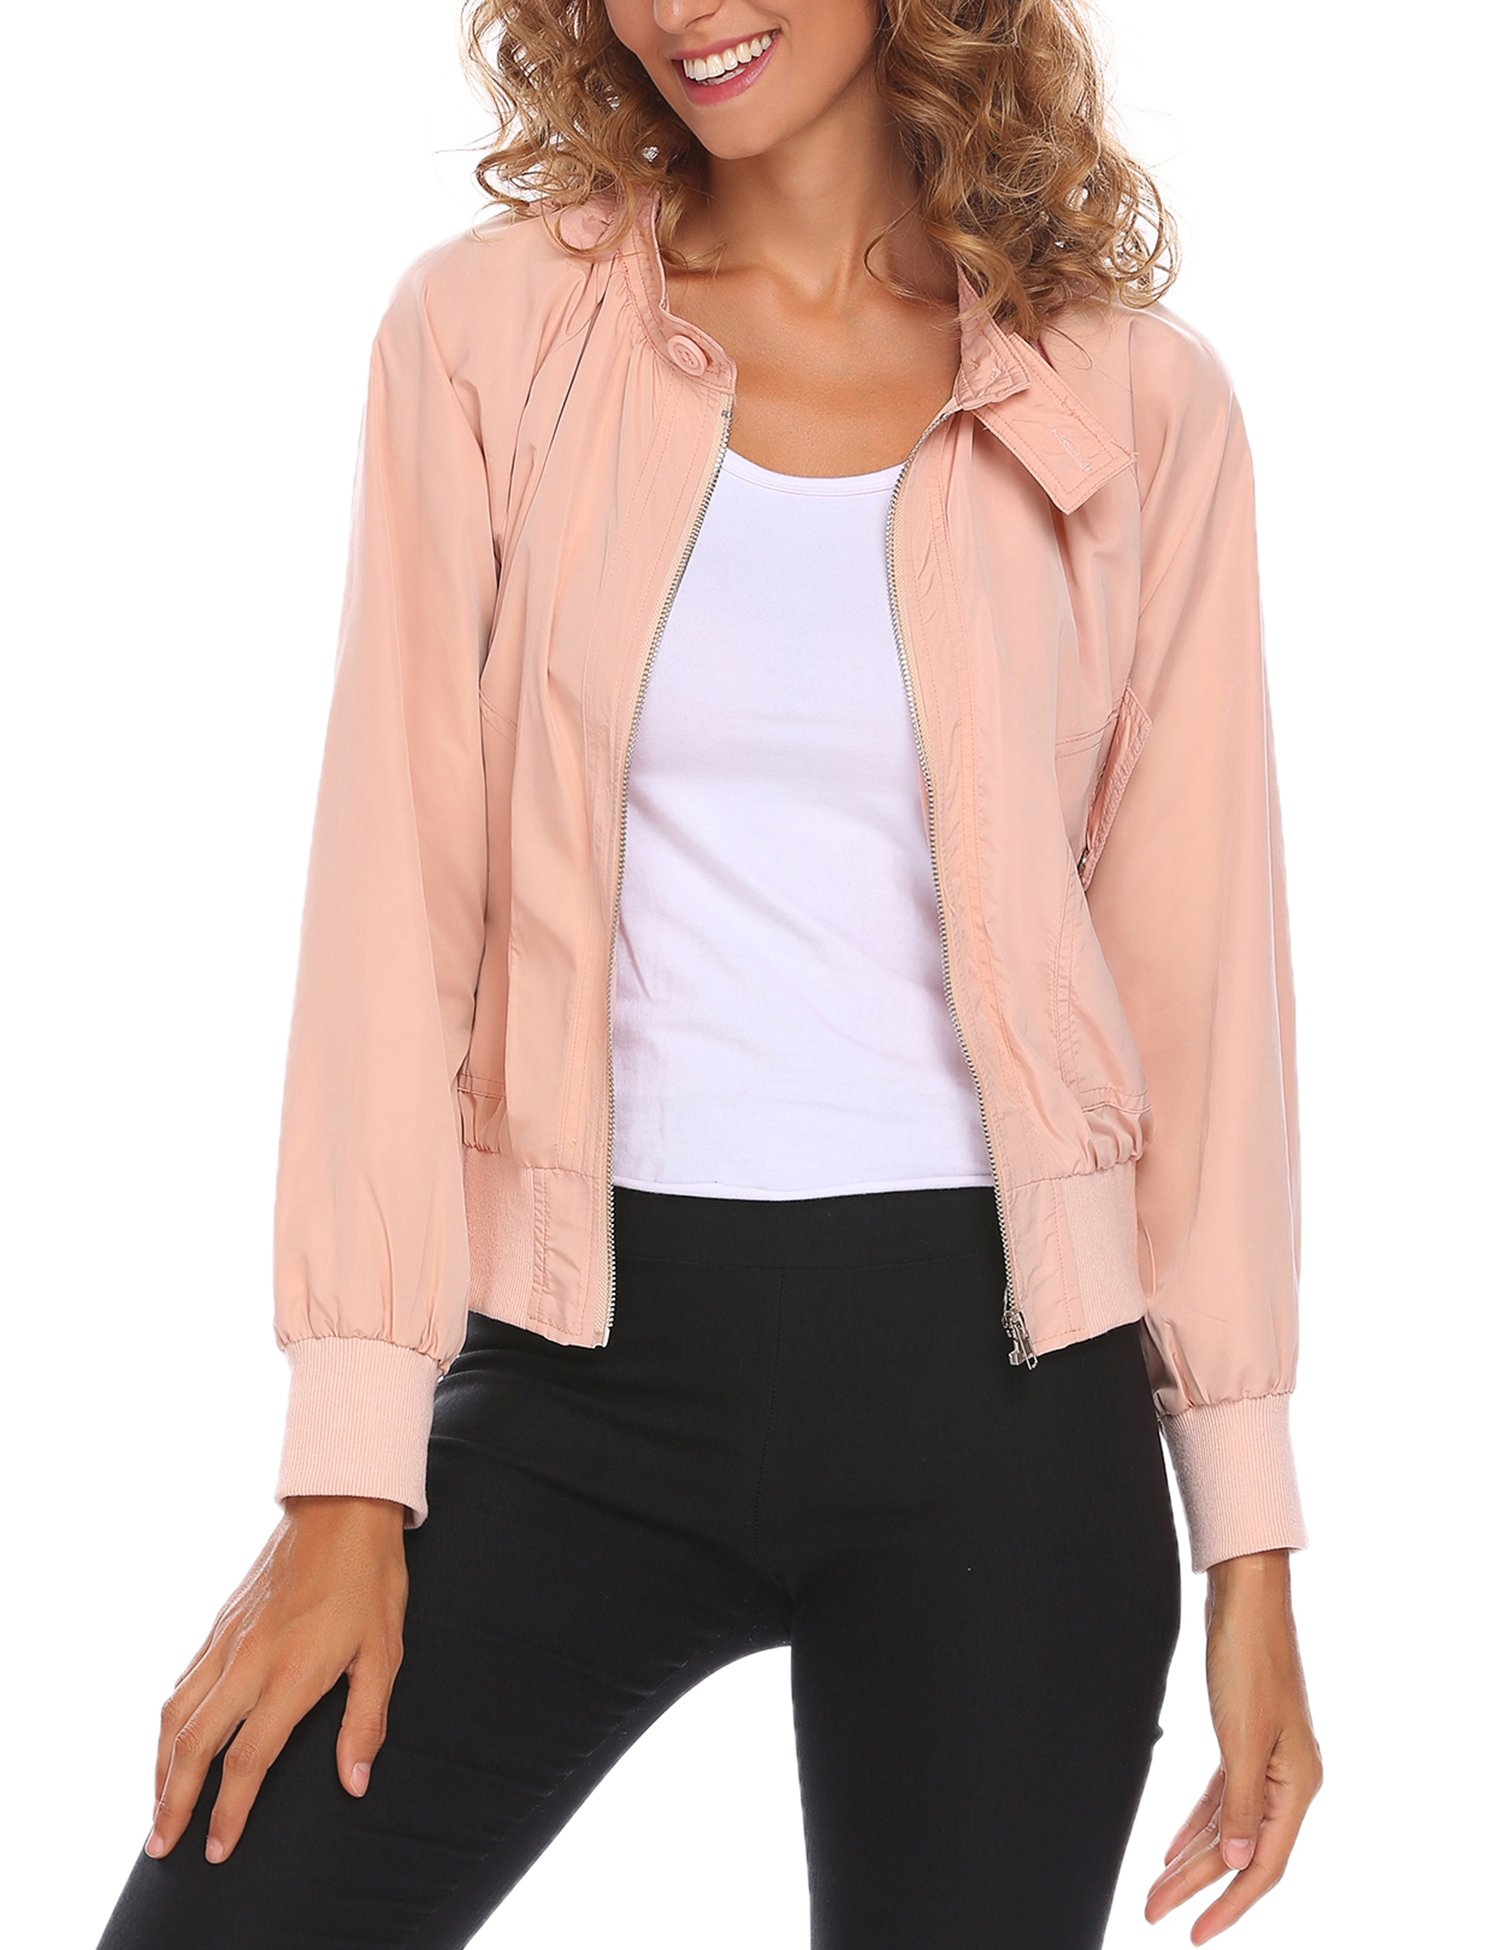 UNibelle Women's Classic Quilted Jacket Short Zipper Bomber Jacket Coat